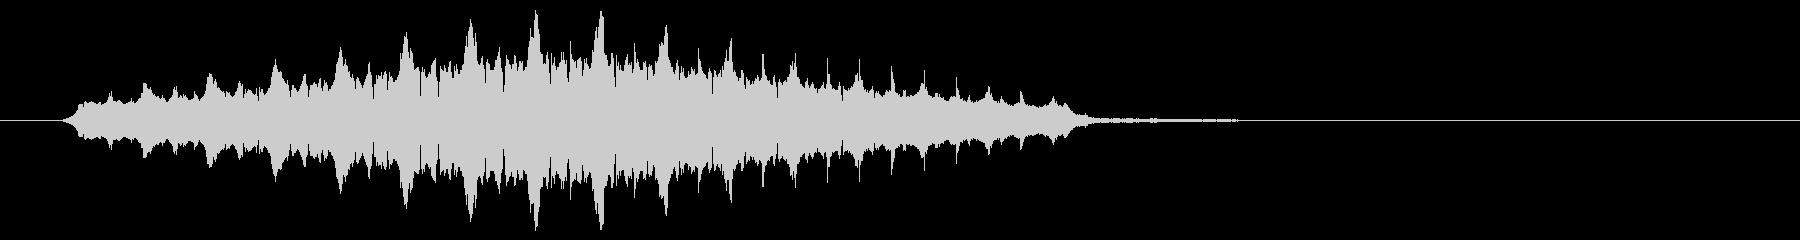 ピの連音(警報音、警戒音)の未再生の波形